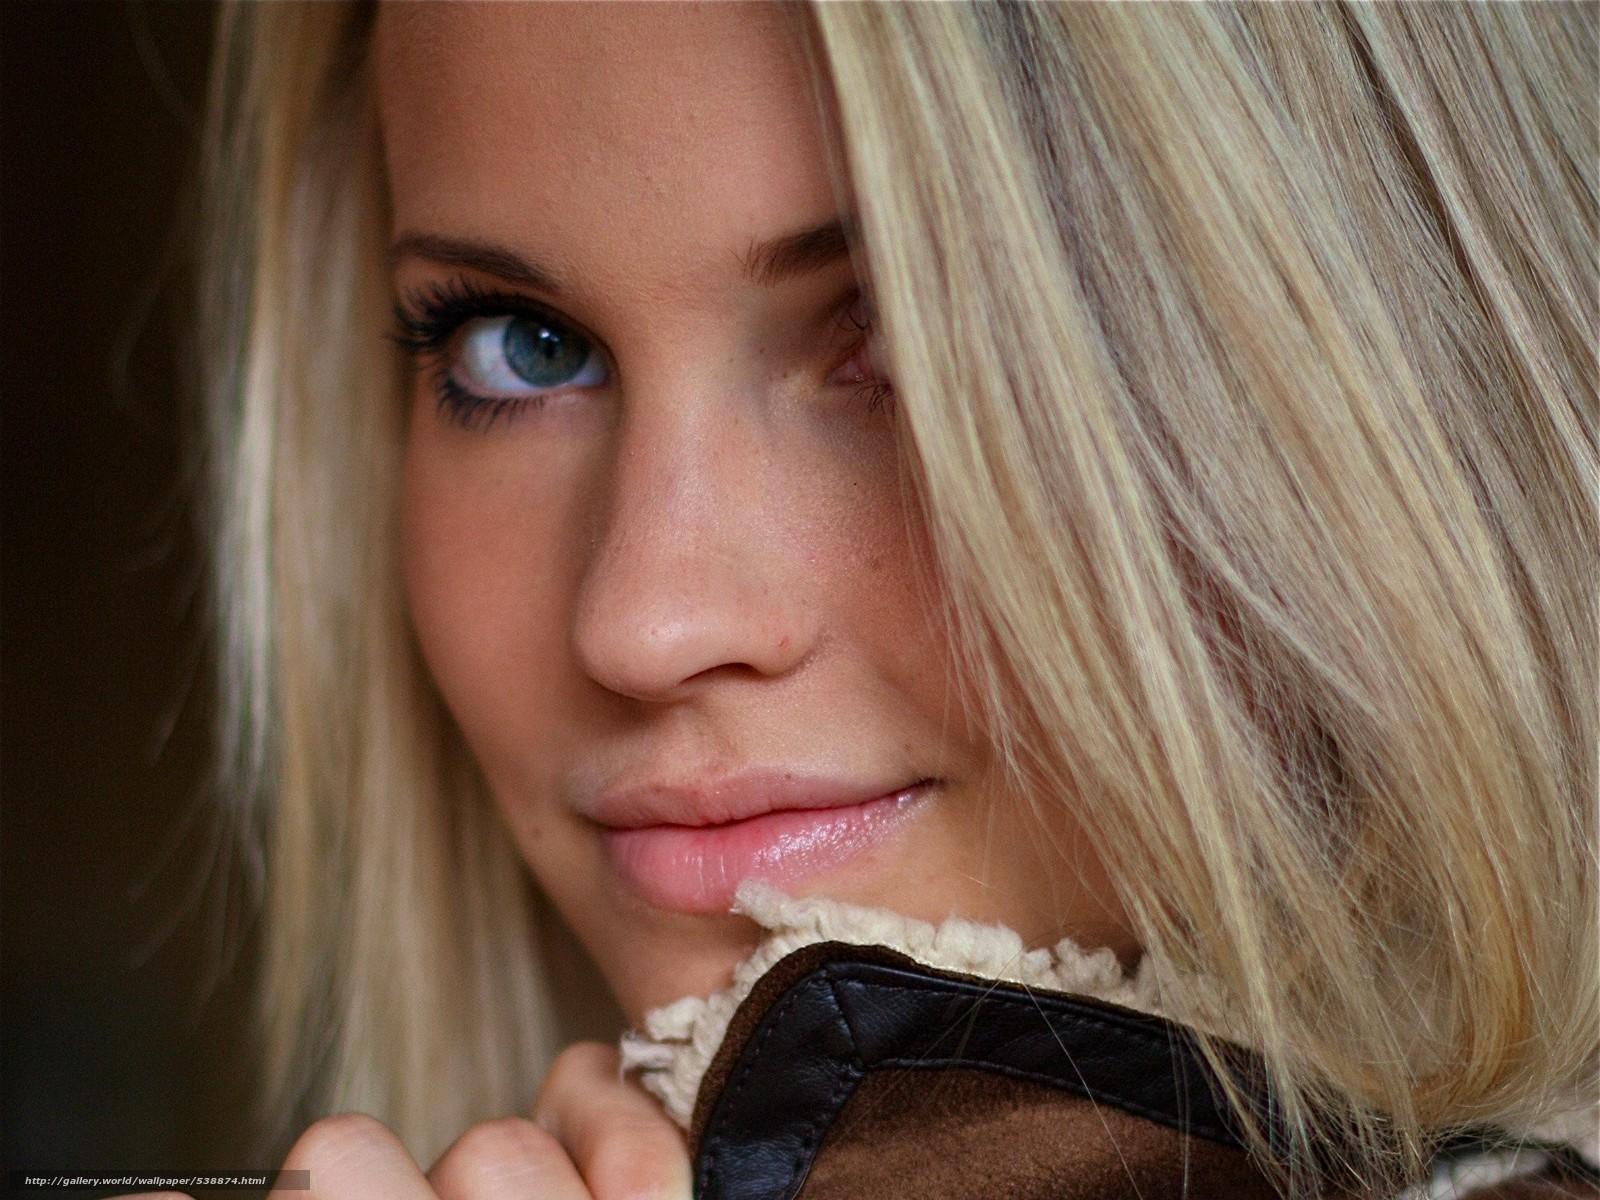 Проверка на блондинку, Тест: Идеальная блондинка это - психологический 6 фотография